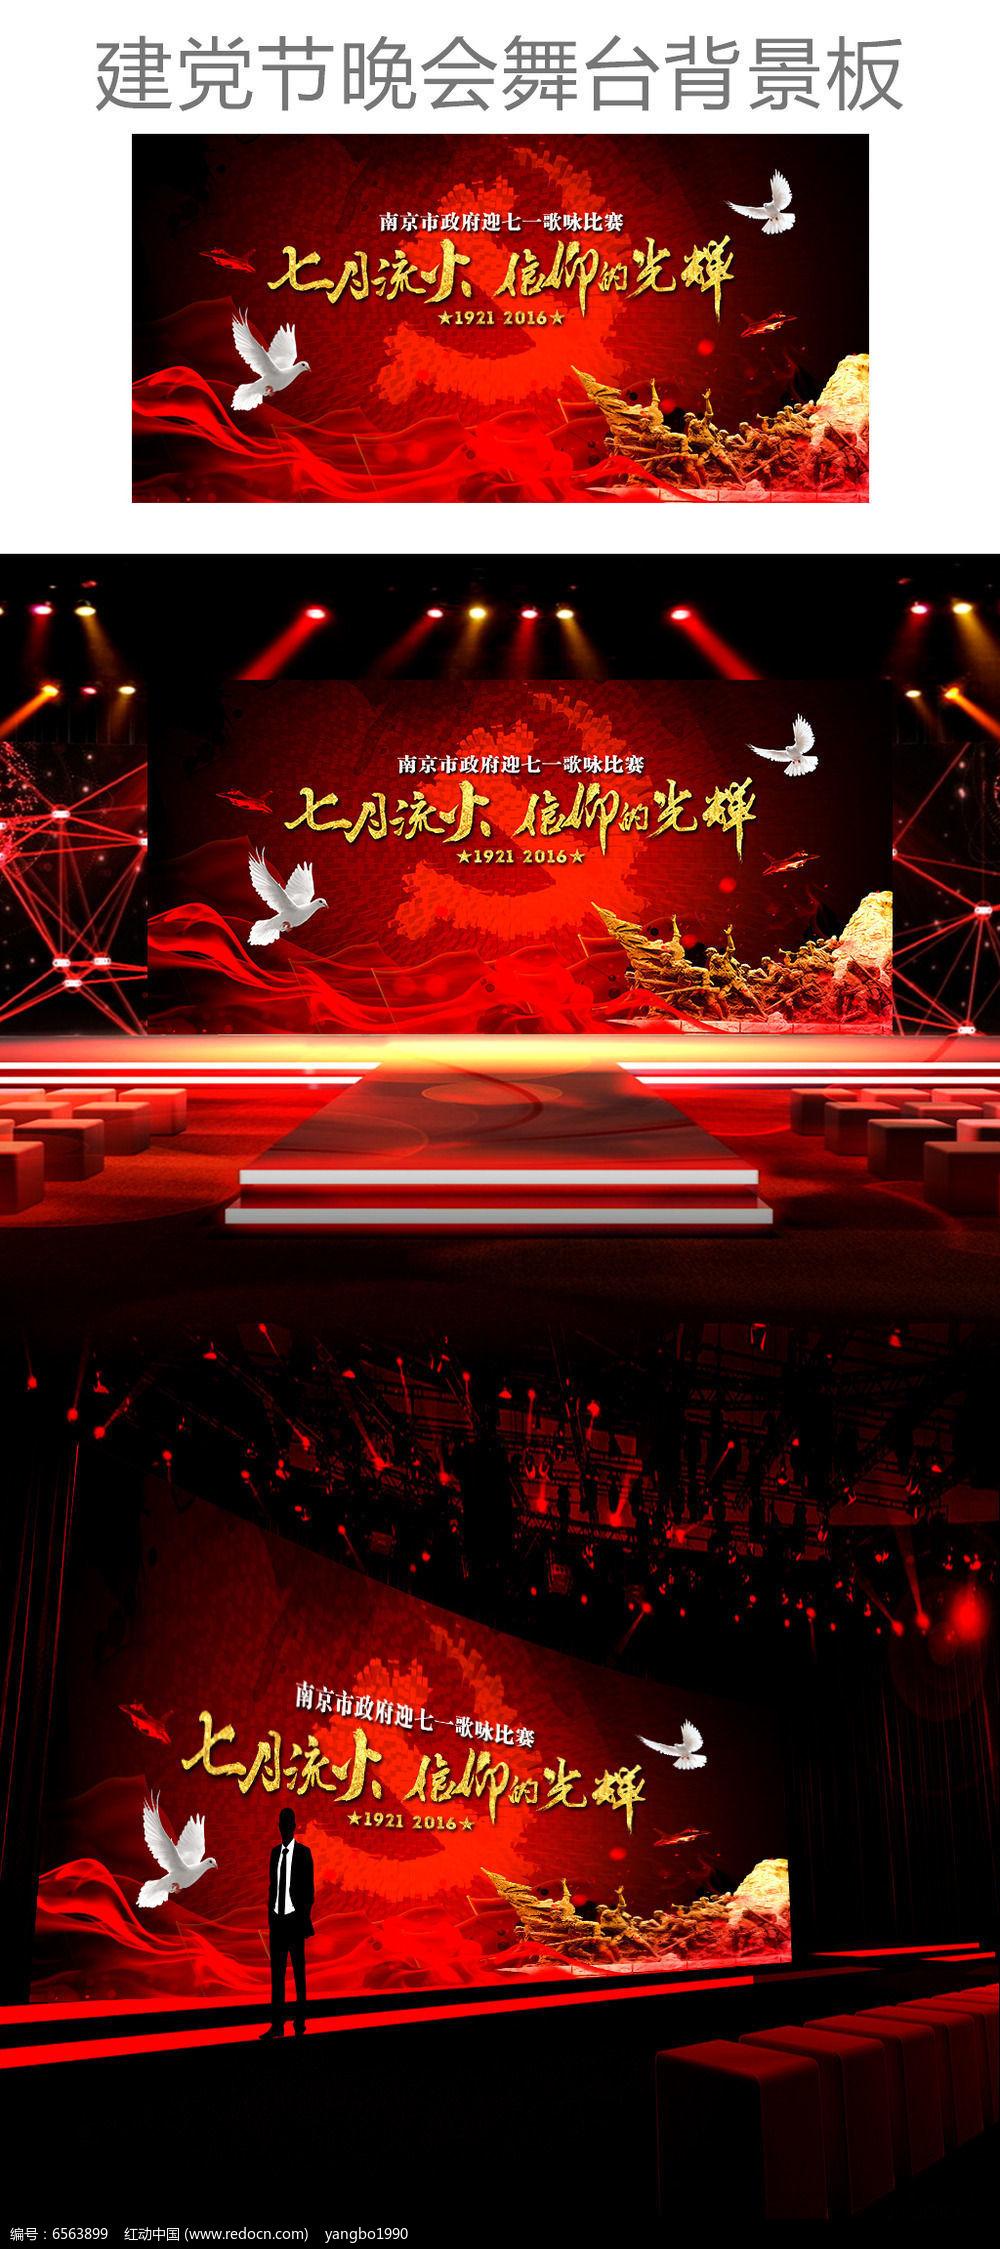 中国红舞台网_中国共产党建党95周年文艺晚会舞台背景设计_红动网